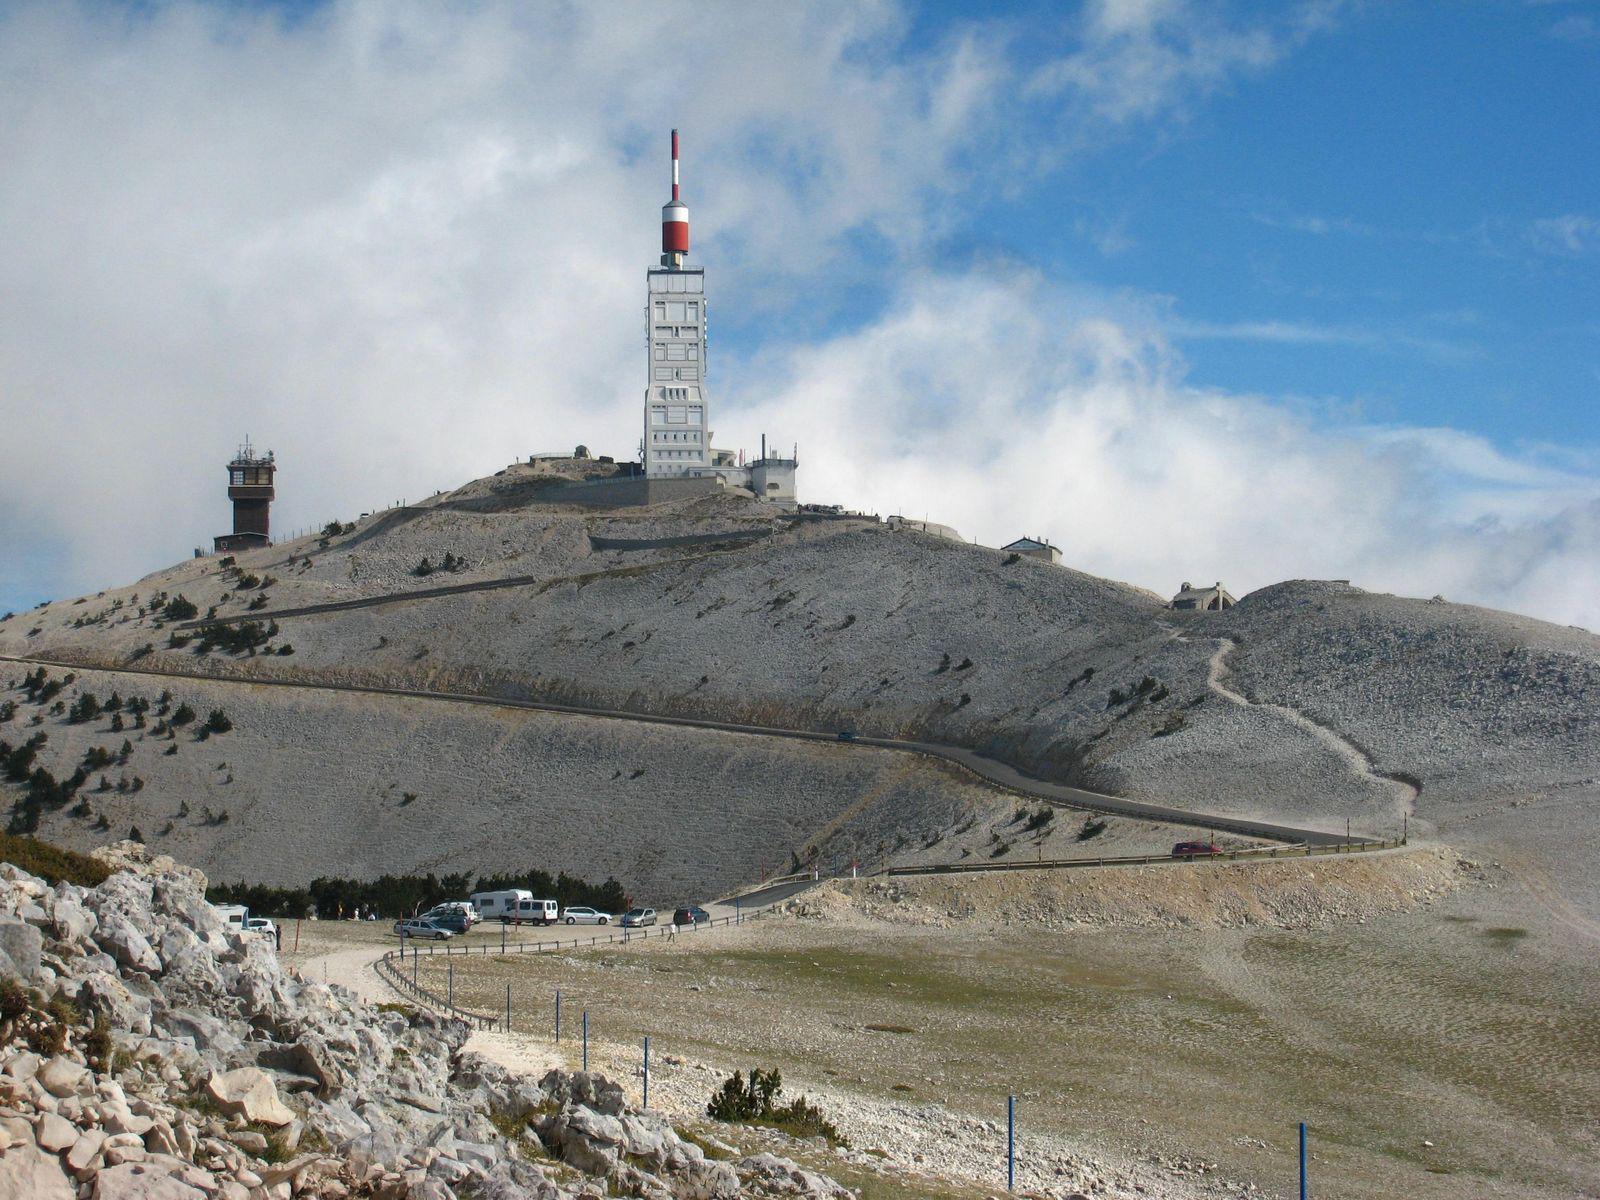 Sommet du Mont Ventoux_Sault (2)